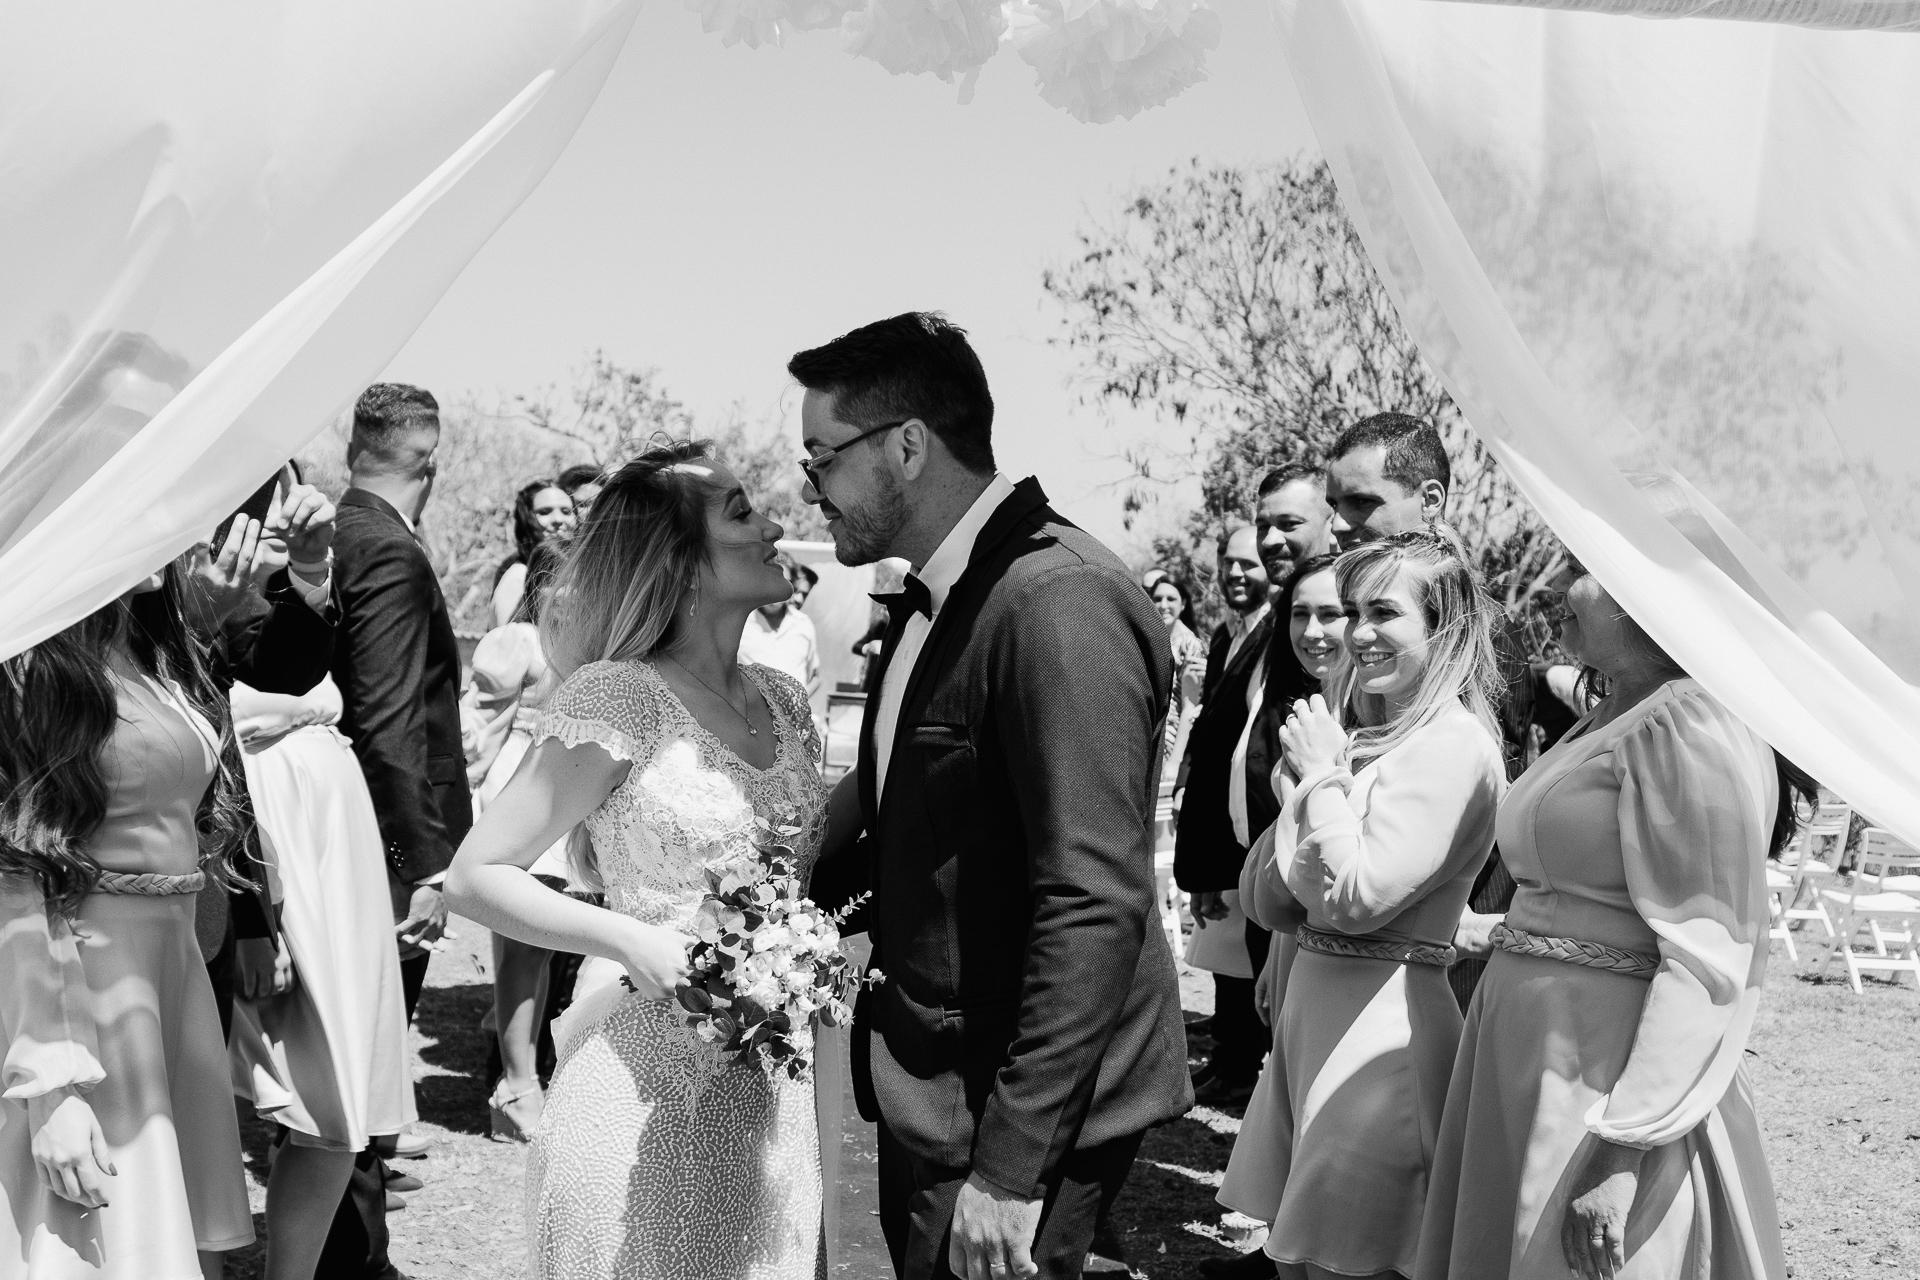 Contate guilhermefotografia - Fotógrafo de Casamentos e Ensaios | Belo Horizonte - MG | Brasil